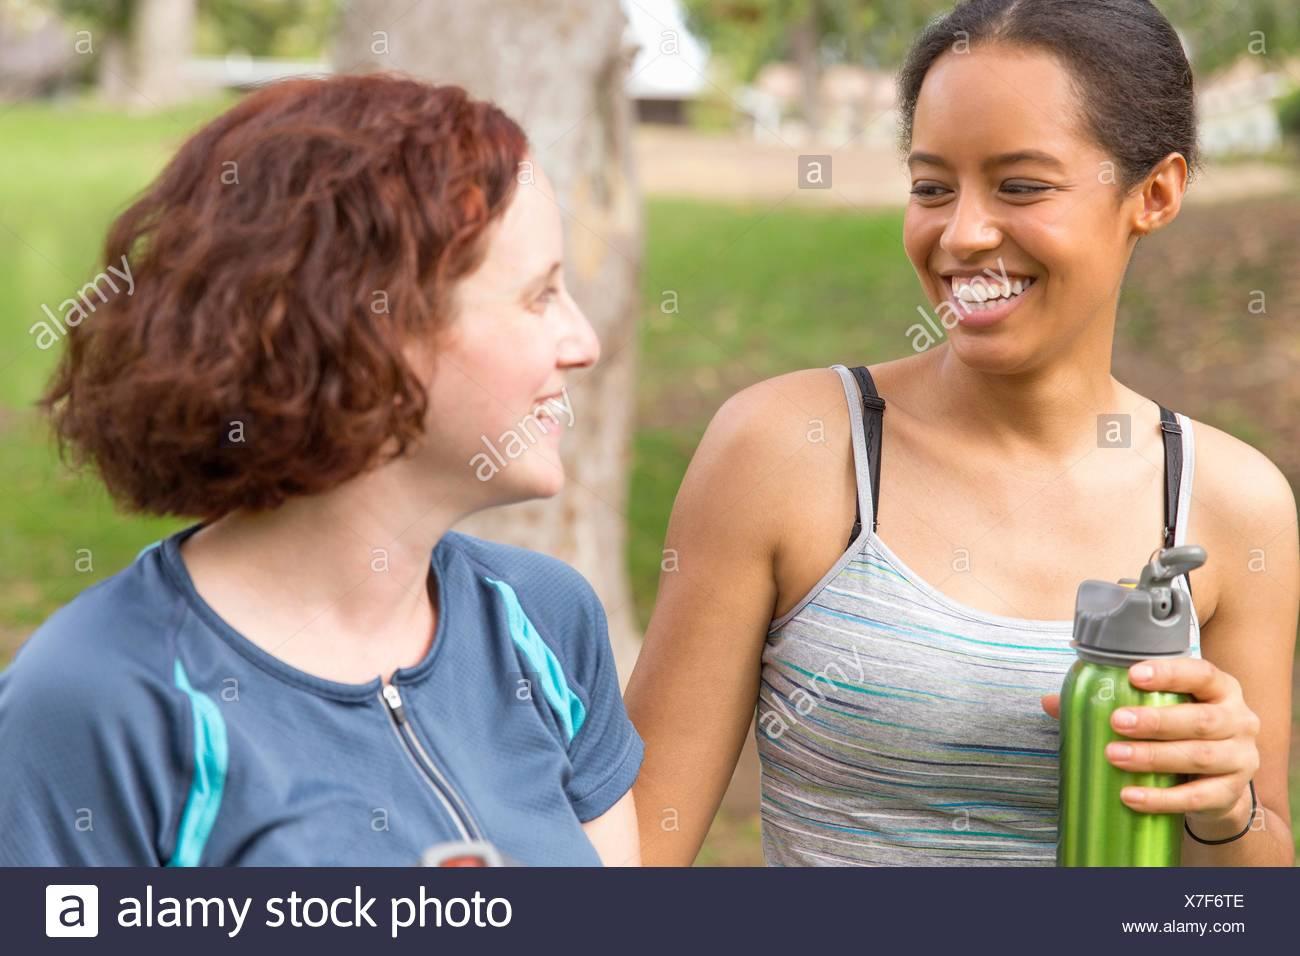 Kopf und Schultern der jungen Frauen, die Wasserflaschen von Angesicht zu Angesicht lächelnd Stockbild